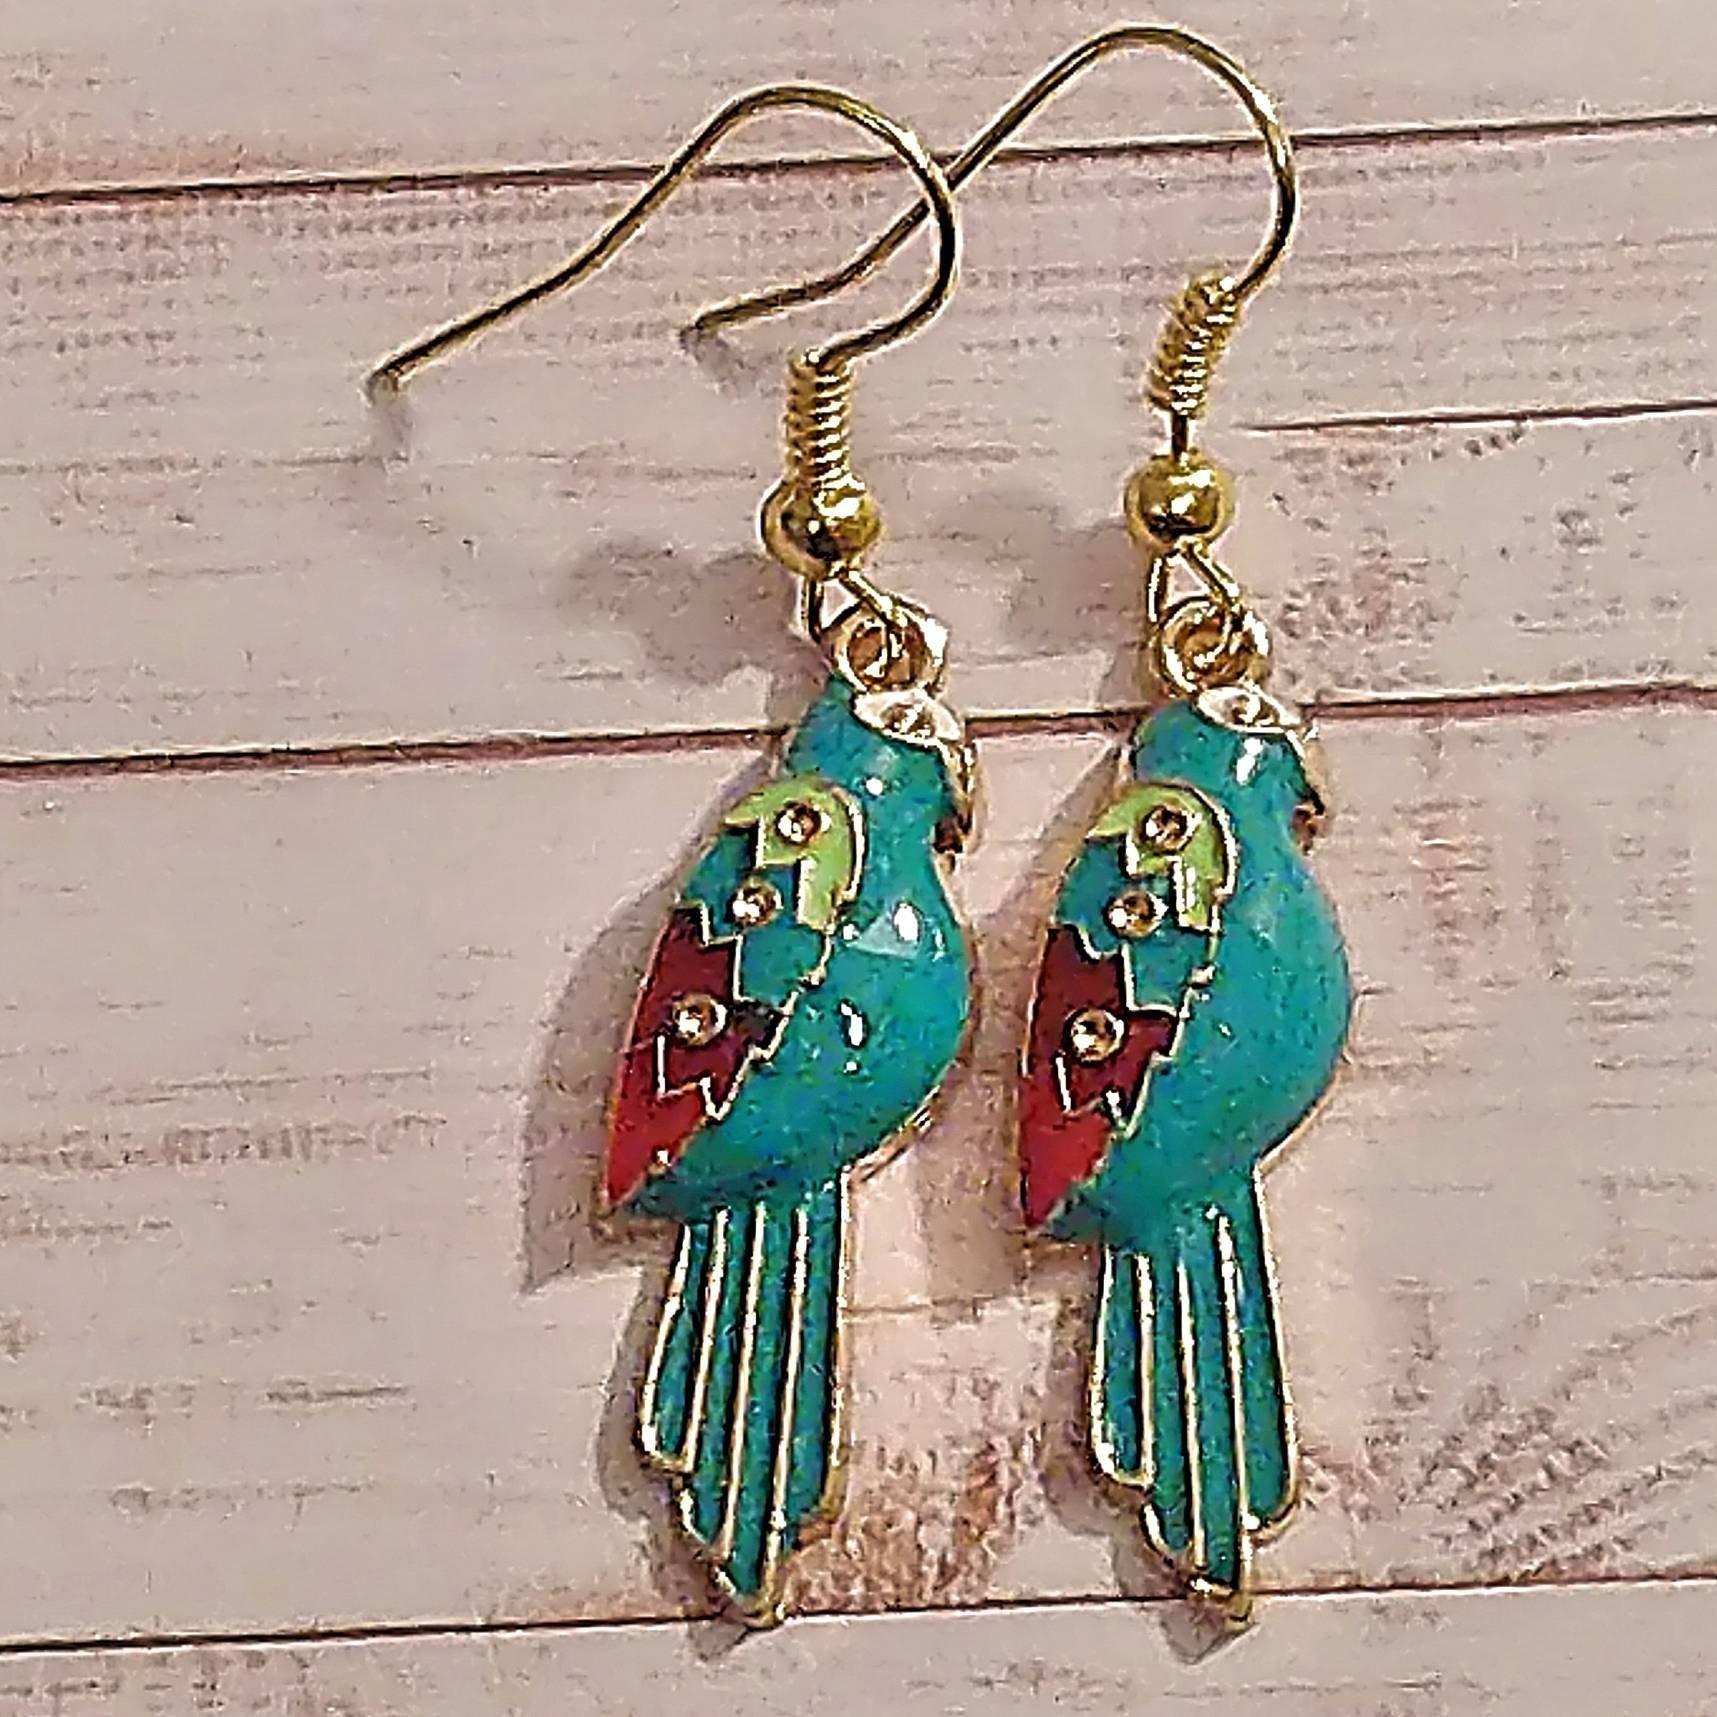 Parrot Enamel  Earringsl.  Gold Plated Ear Wires. Beautiful Boho Earrings.  Ideal Gift for Women. Bird Lovers Jewellery. 00157